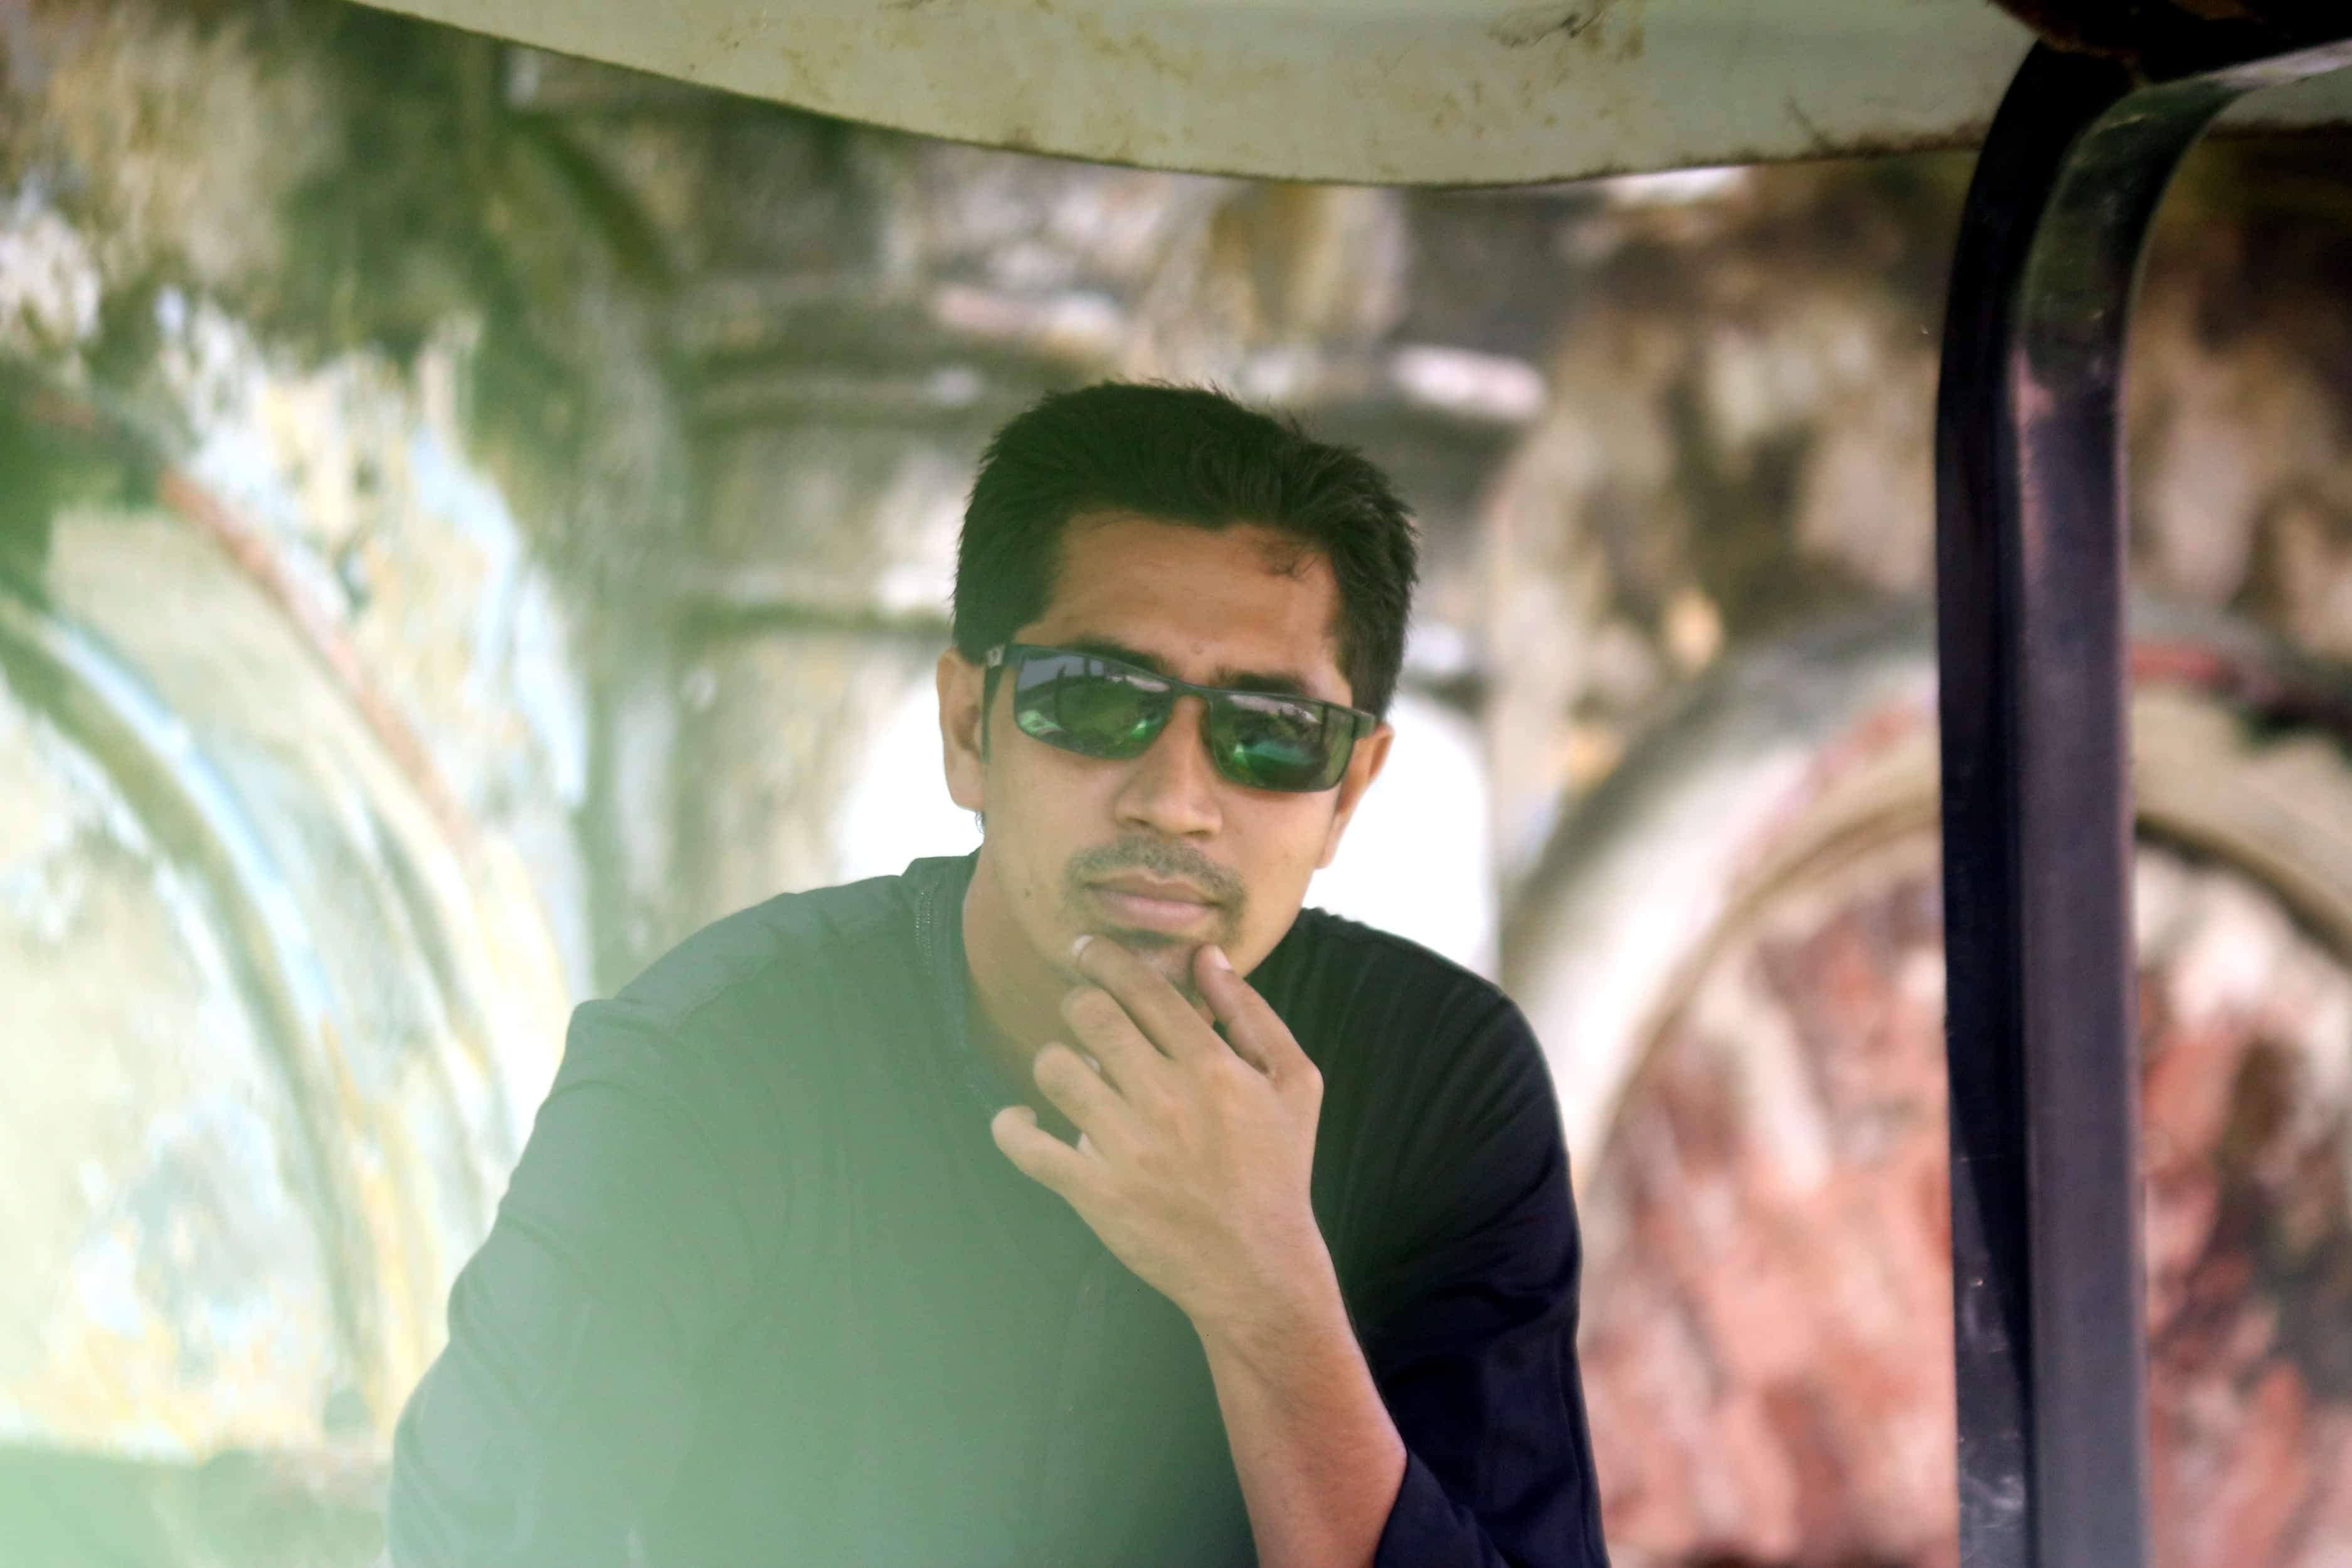 সংবাদ কর্মী আদনান হোসেন অলি'র ফেইসবুক আইডি হ্যাক-থানায় জিডি